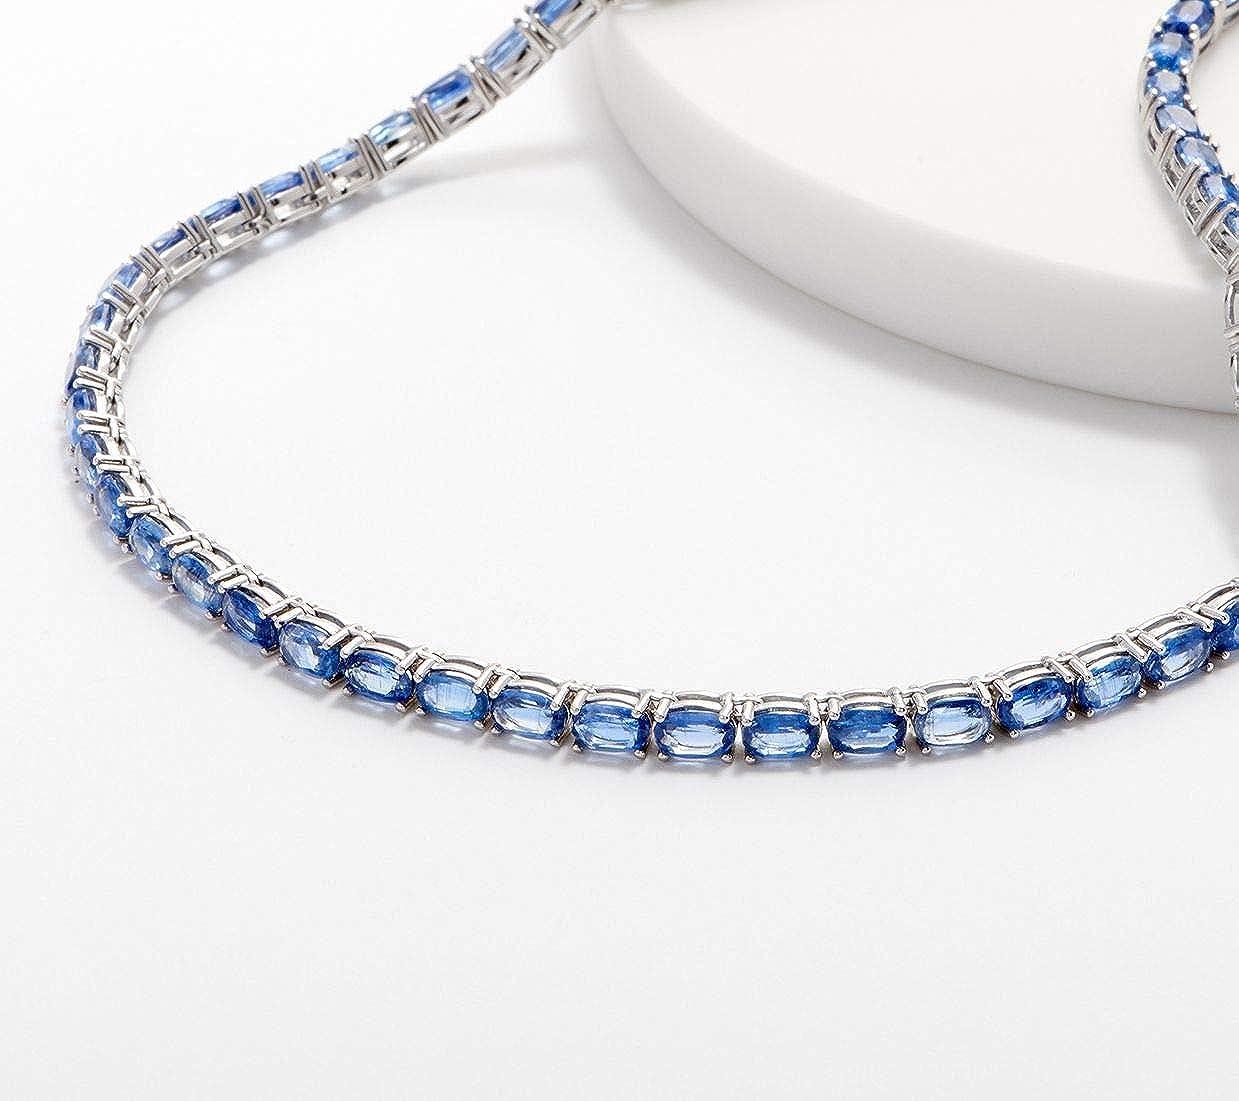 Silvernshine Jewels - Collar de plata de ley 925 con piedras preciosas de tenis y diamantes de zafiro azules ovalados de 2,30 quilates